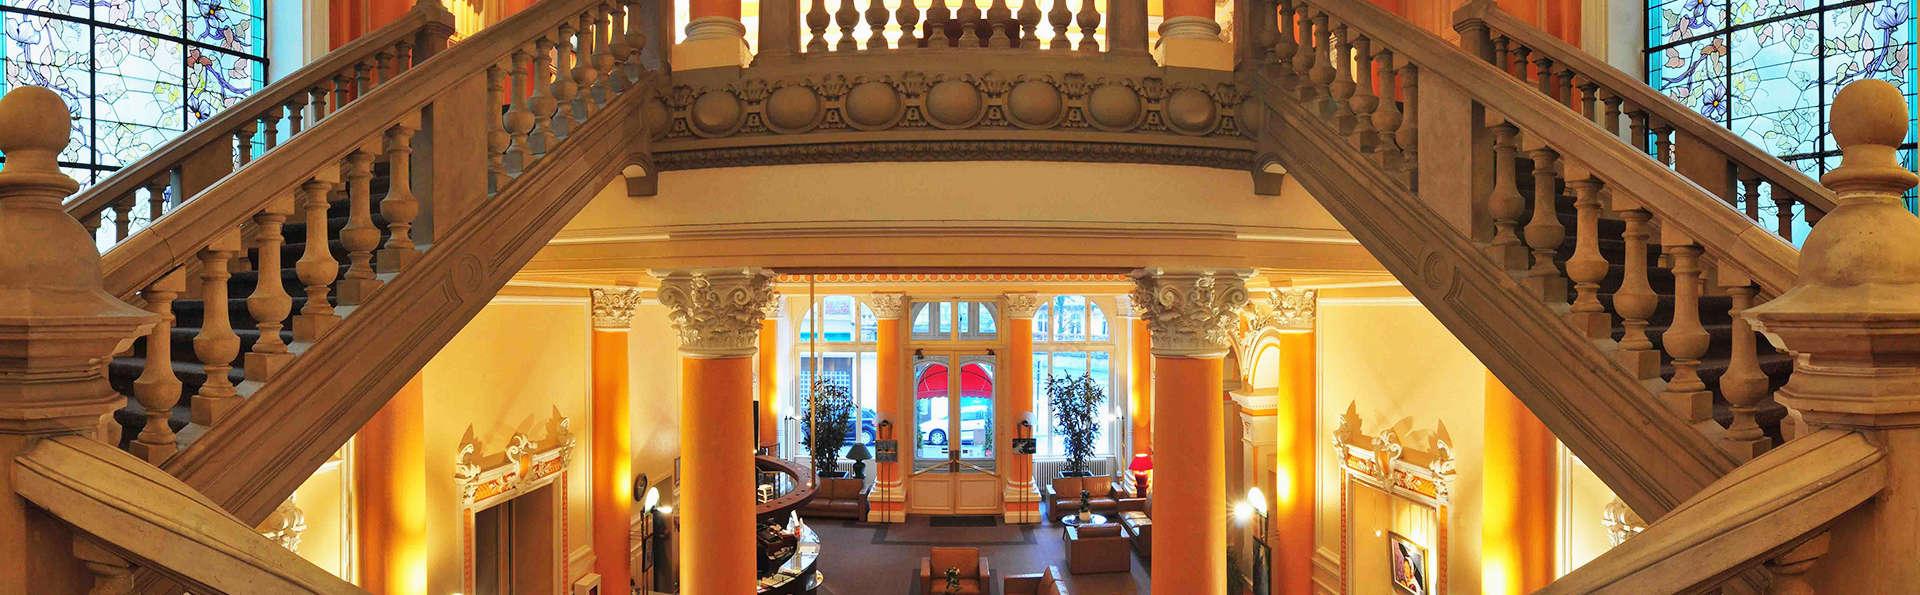 Grand Hôtel du Tonneau d'Or - EDIT_Recepcion_2.jpg